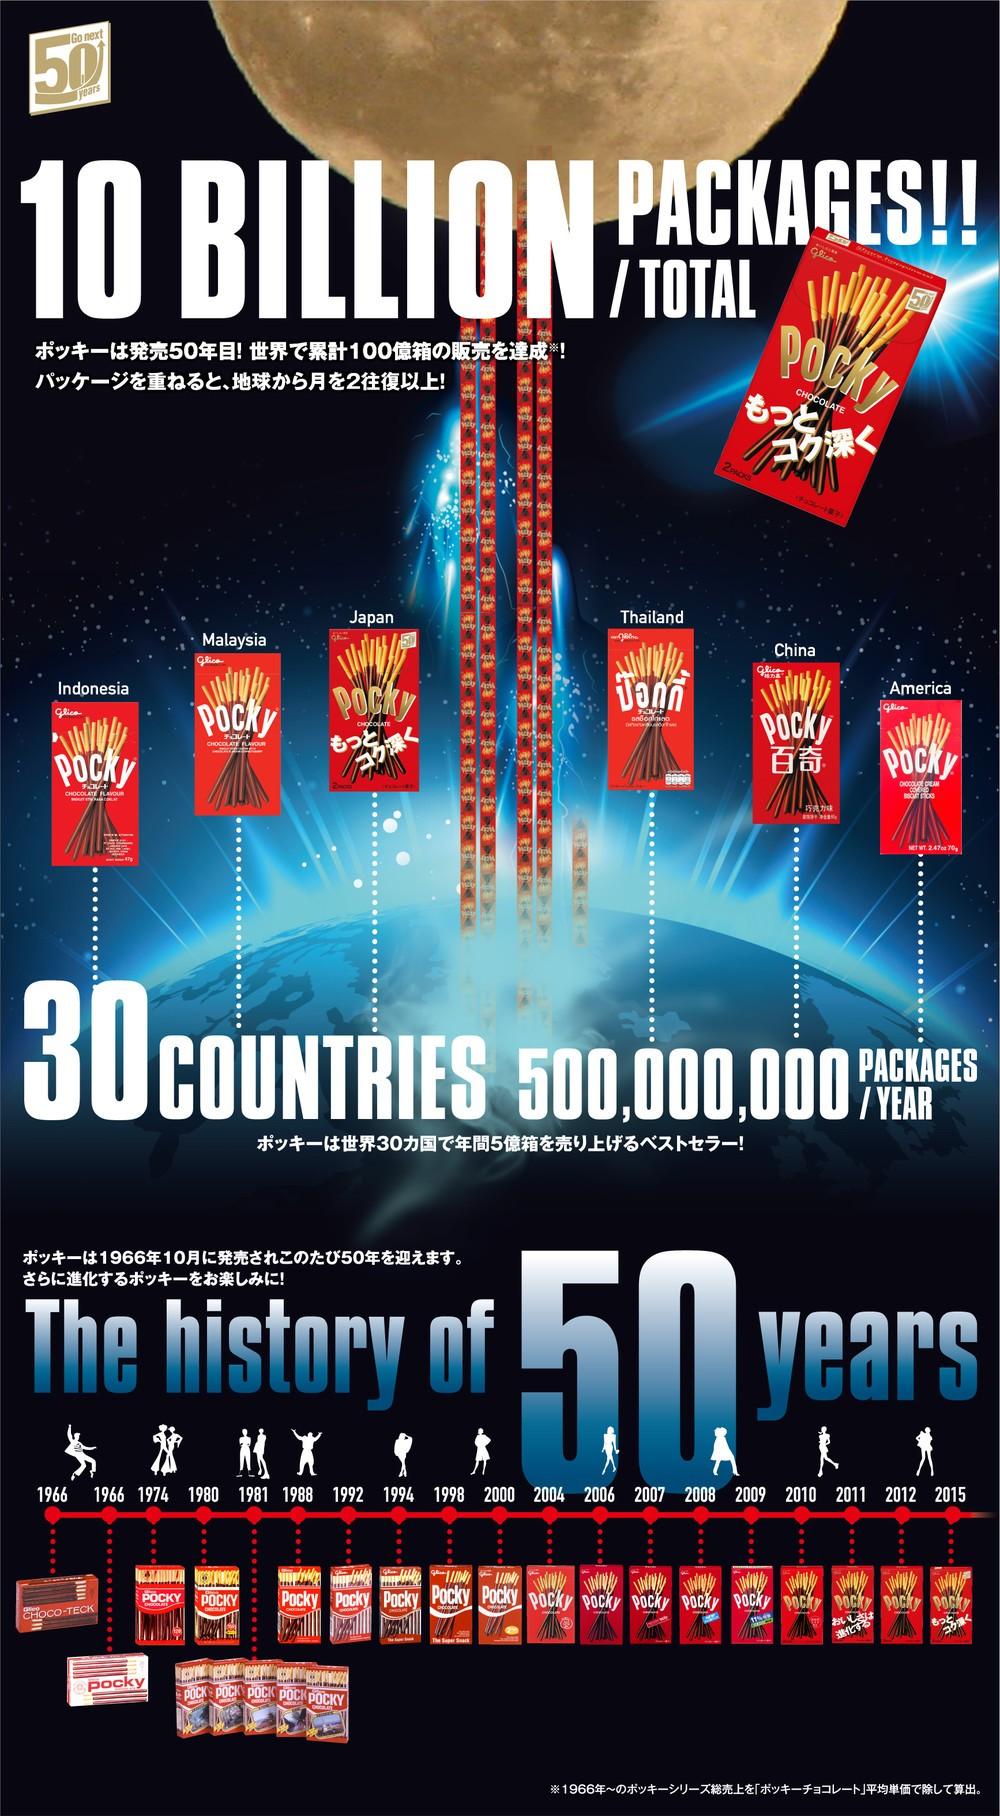 「ポッキー」世界で累計100億箱超え 発売50年、9月から大幅リニューアル